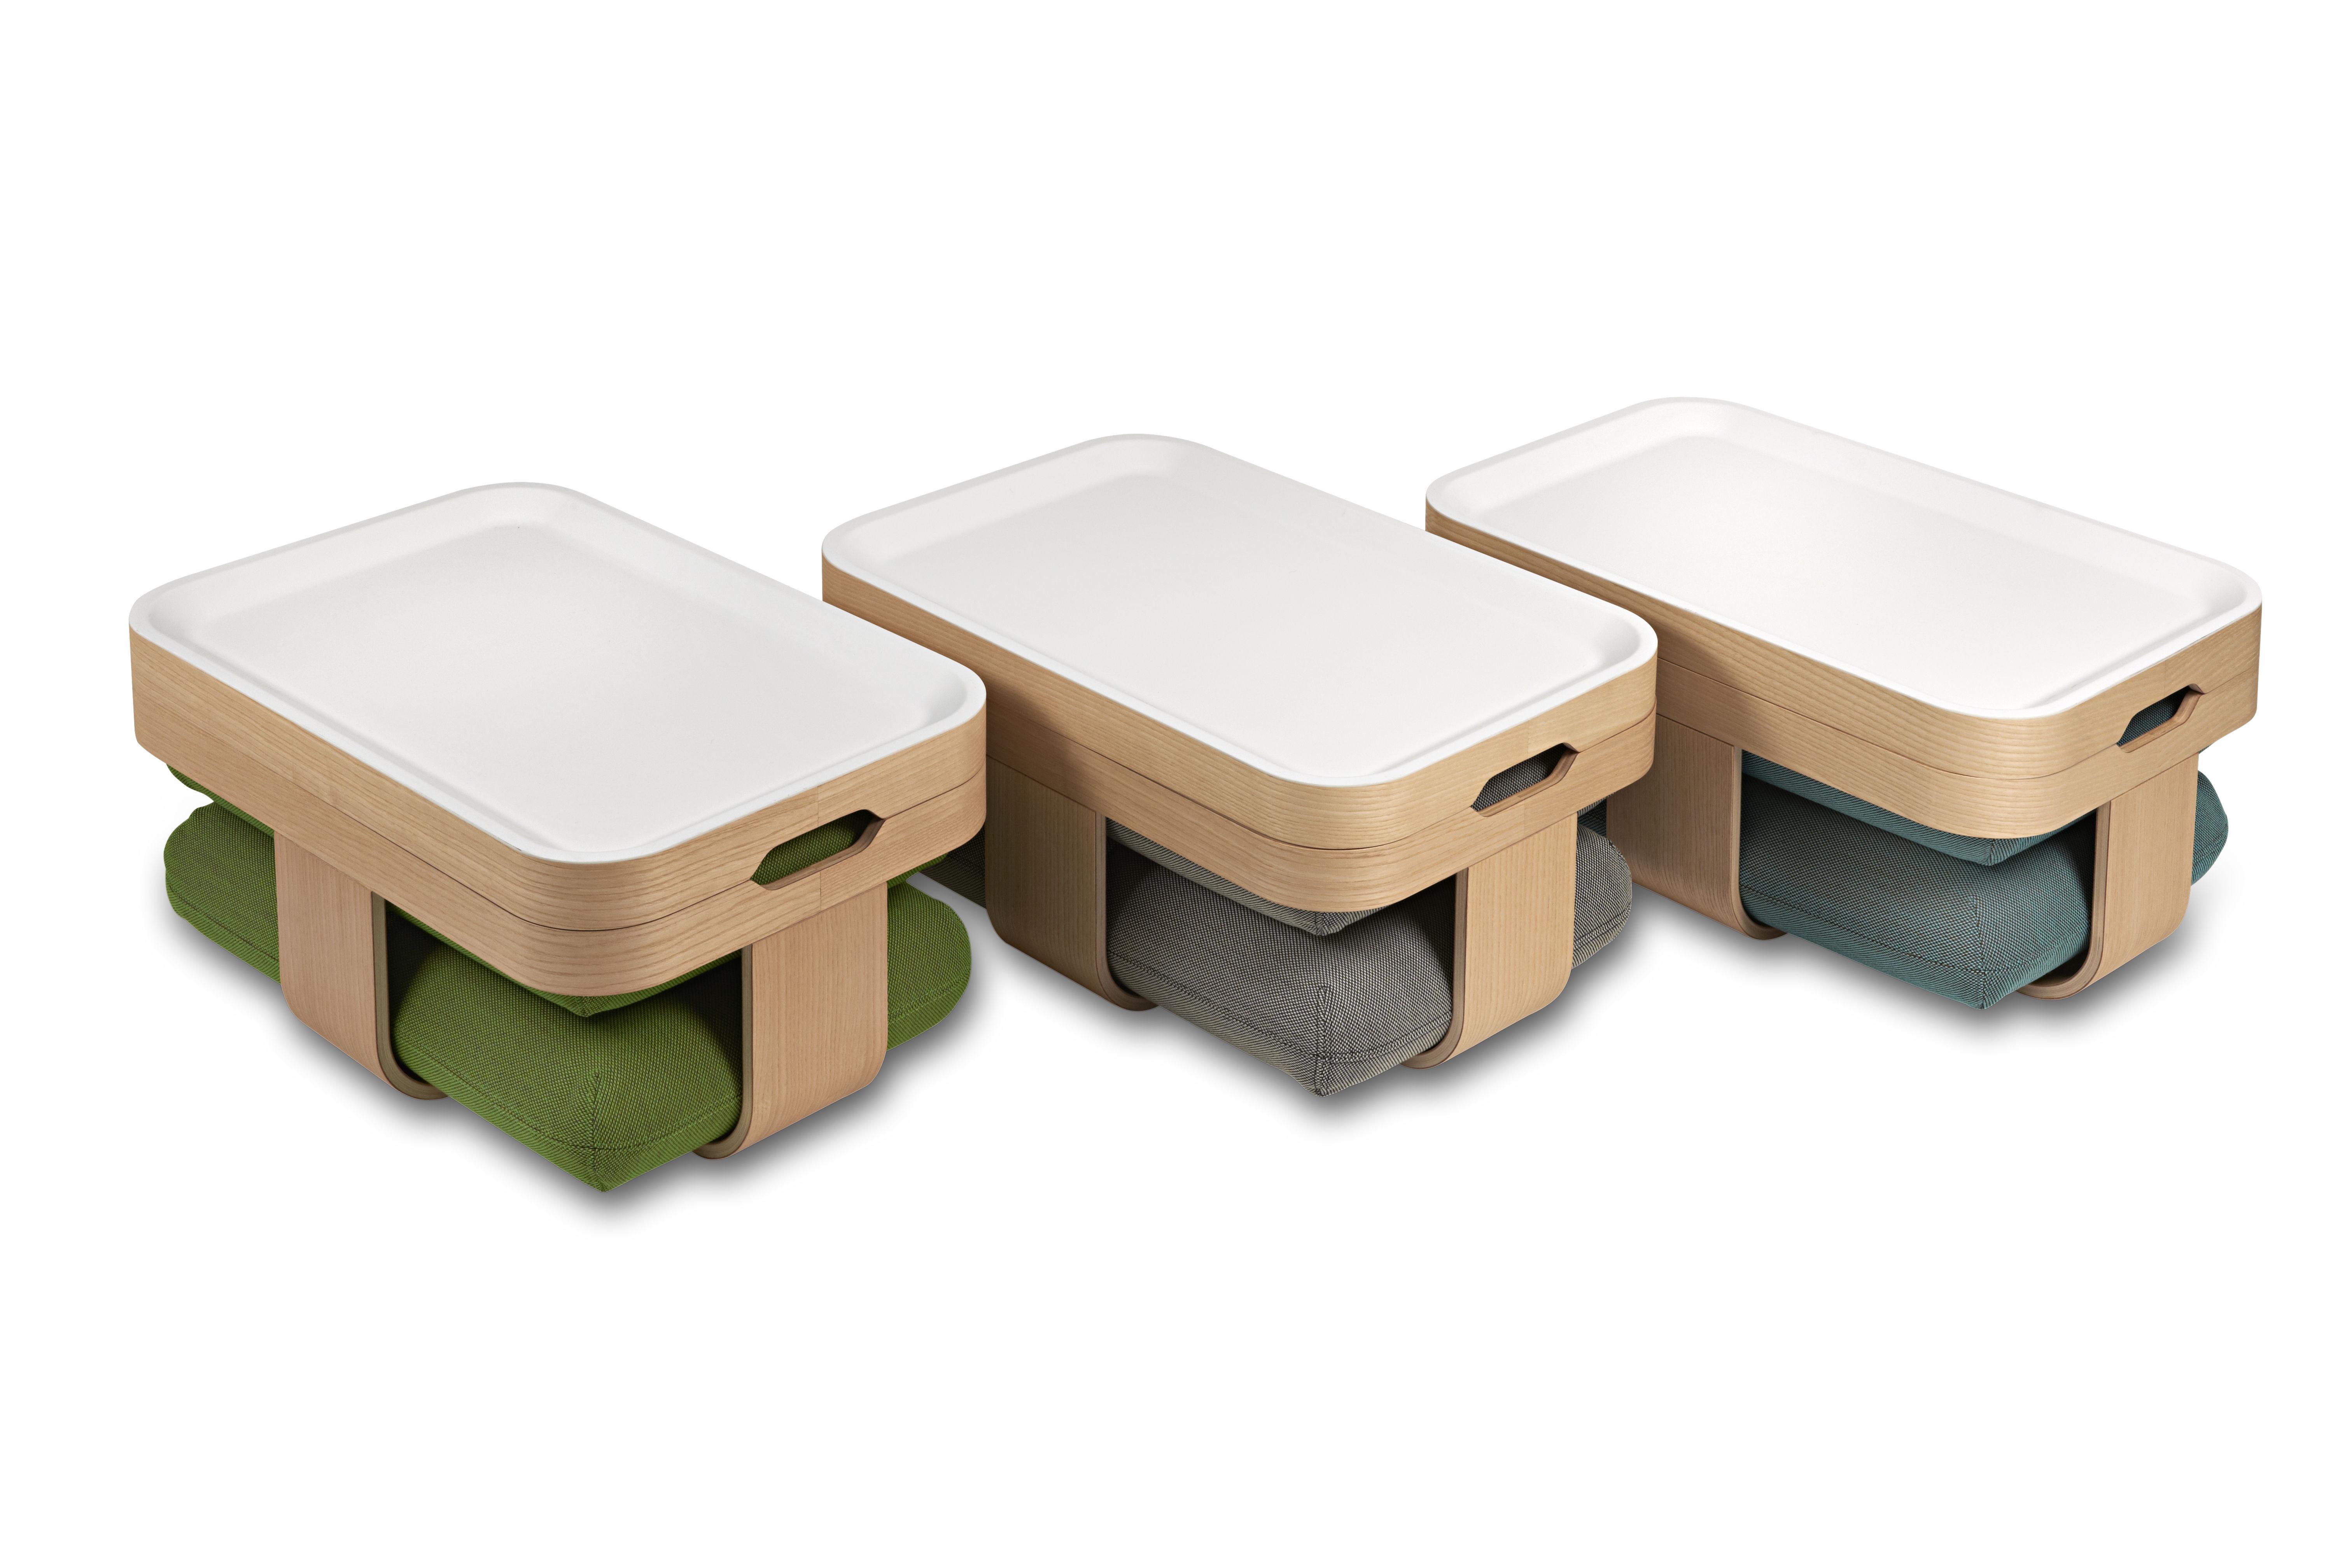 Table basse mister t transformable en pouf et repose pieds bleu p trole mad - Table basse design 3 pieds ...